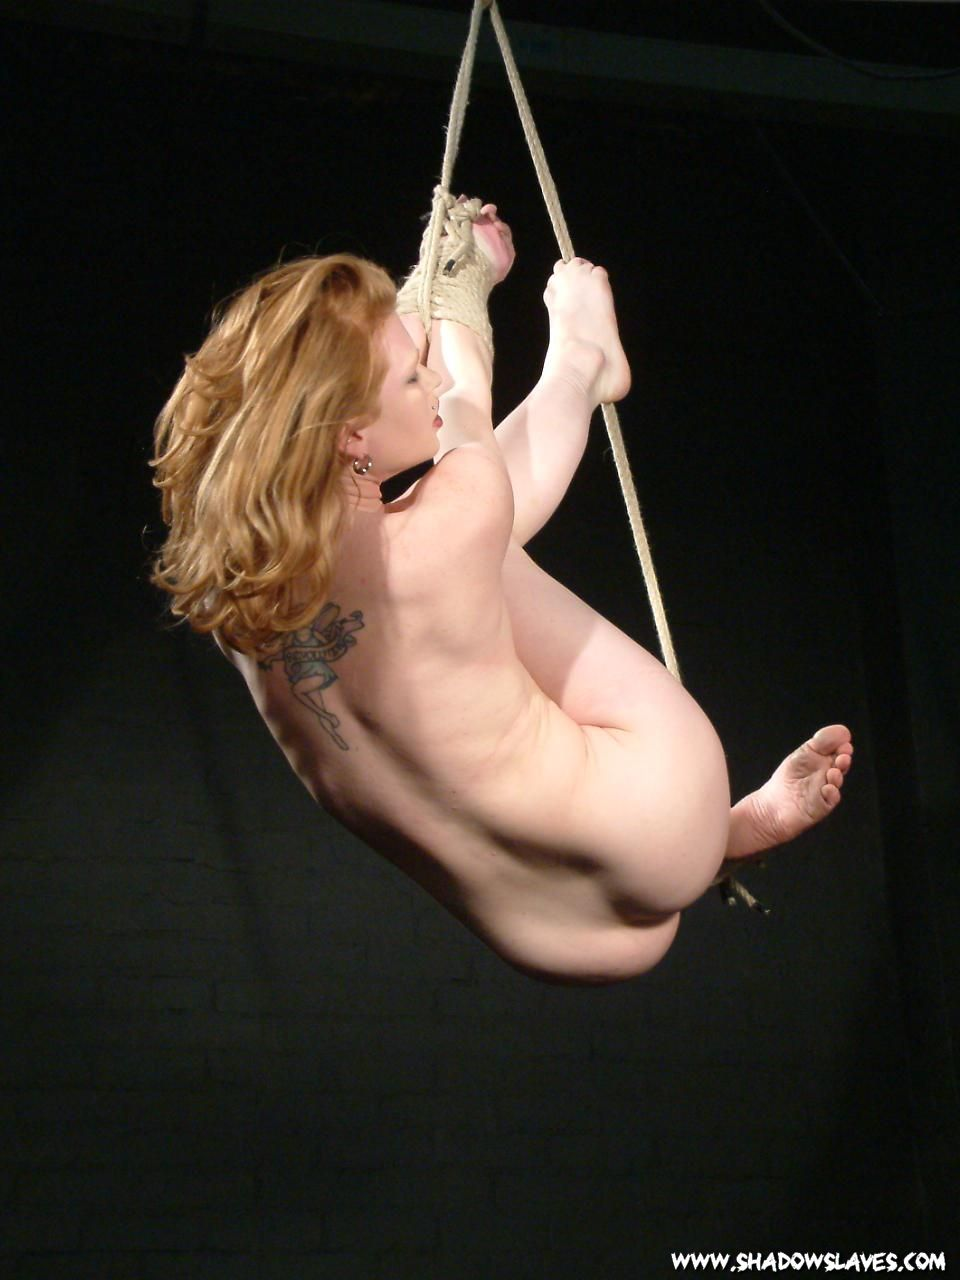 Artistic suspension bondage